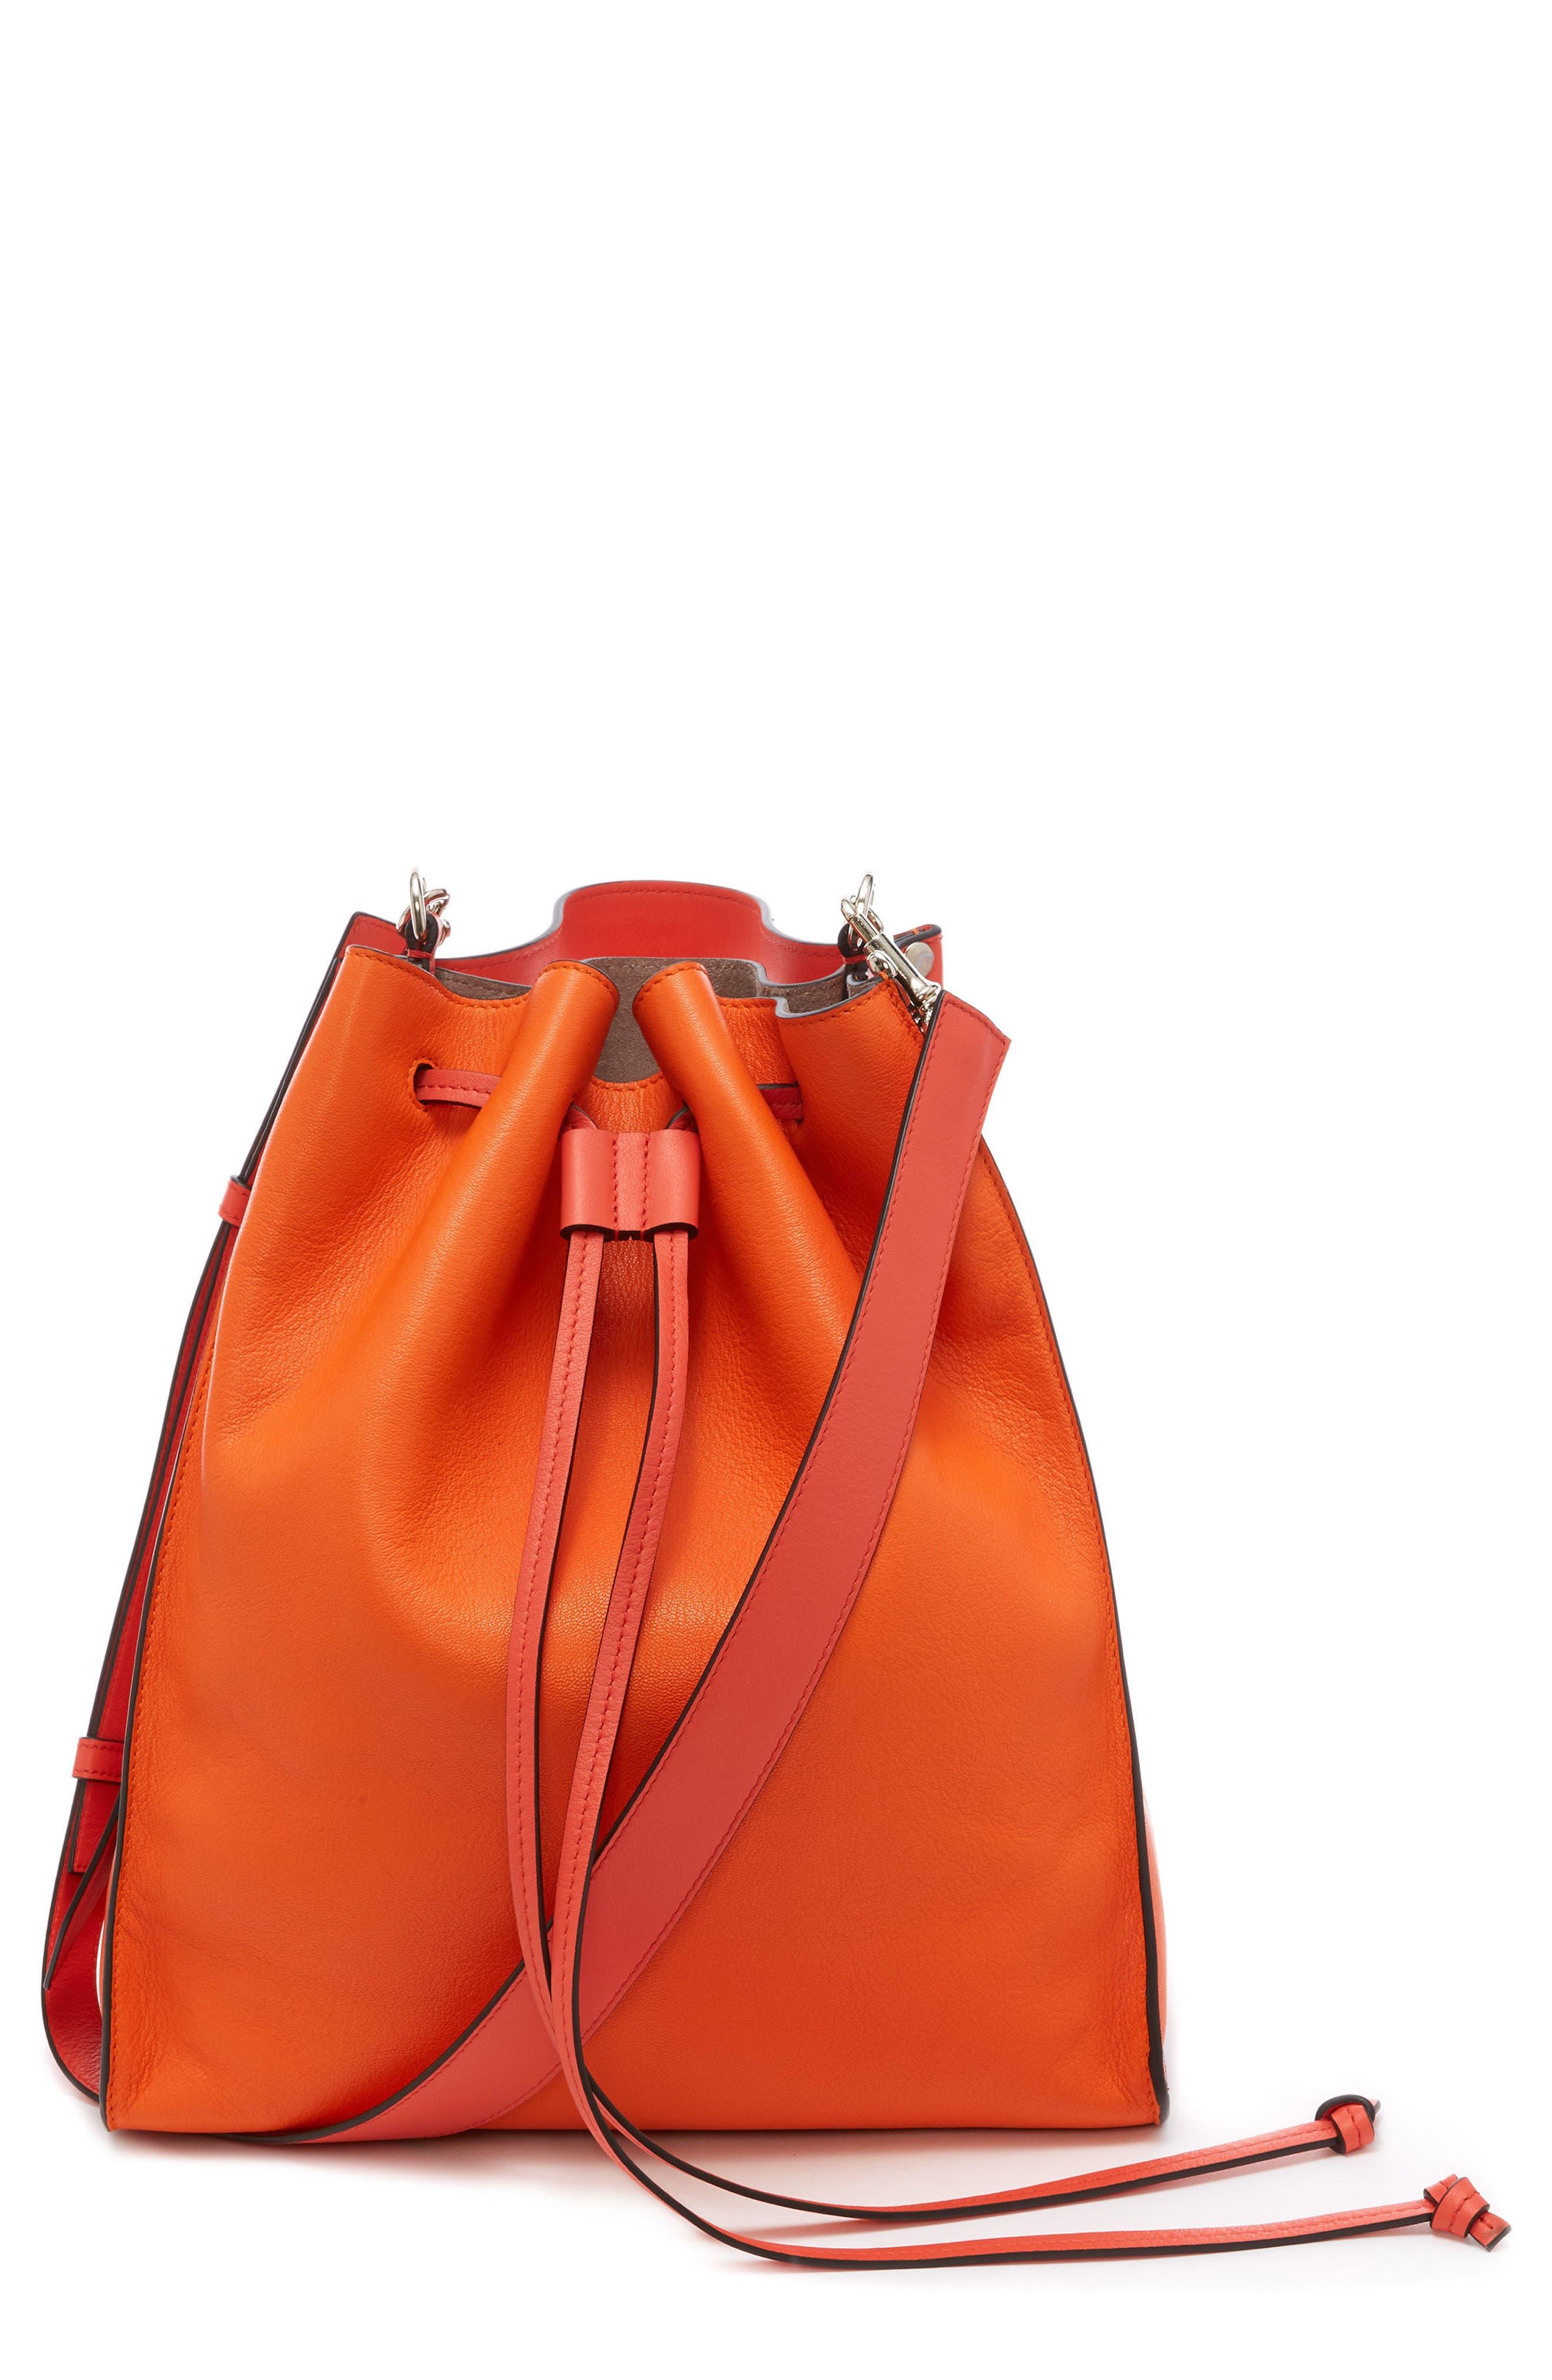 J.W.ANDERSON Drawstring Bag